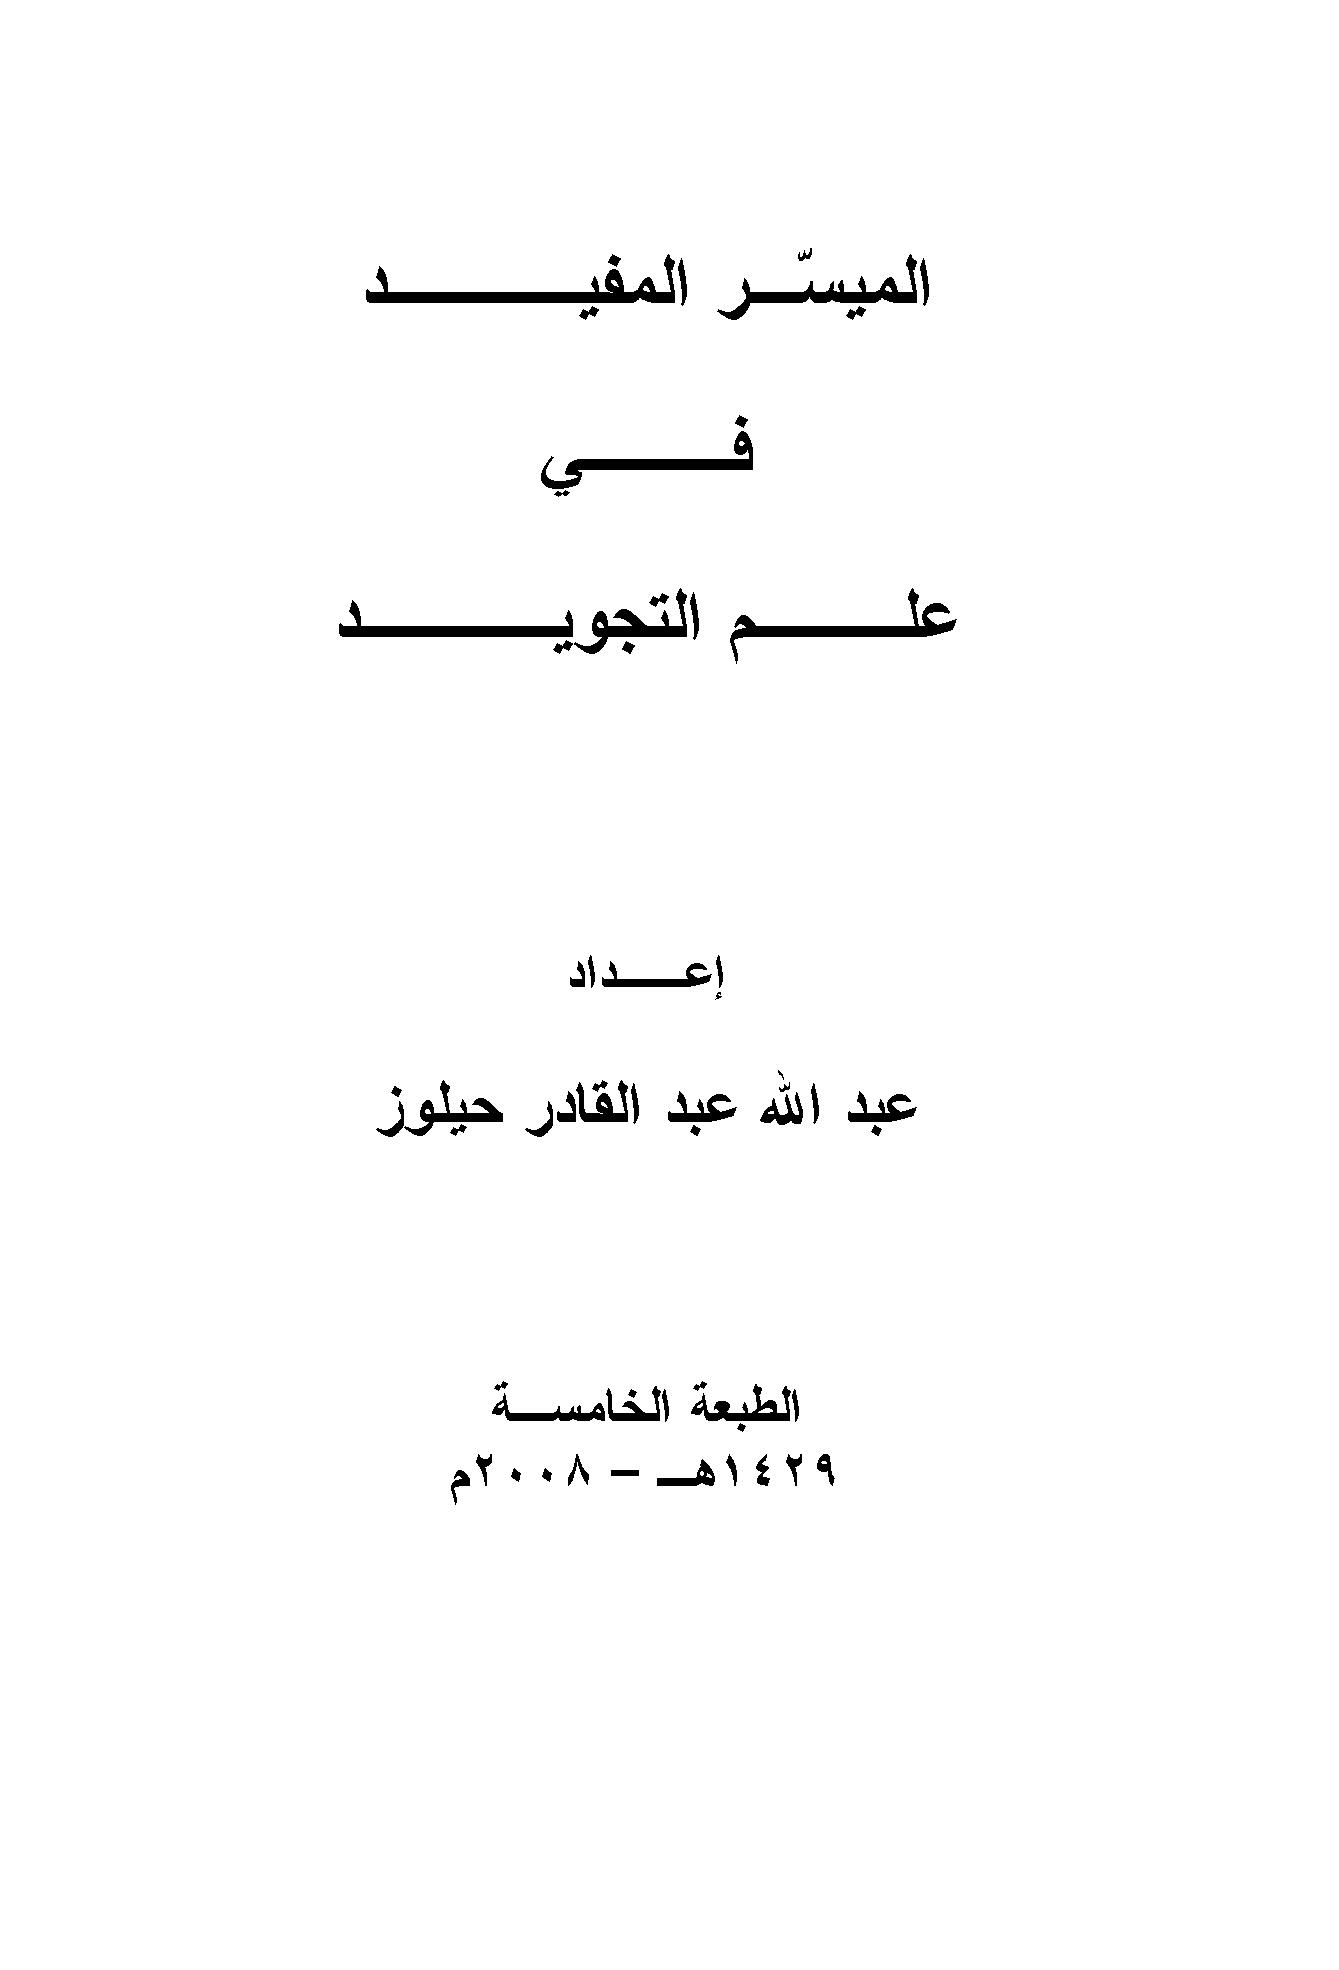 تحميل كتاب الميسر المفيد في علم التجويد لـِ: الدكتور عبد الله عبد القادر حيلوز